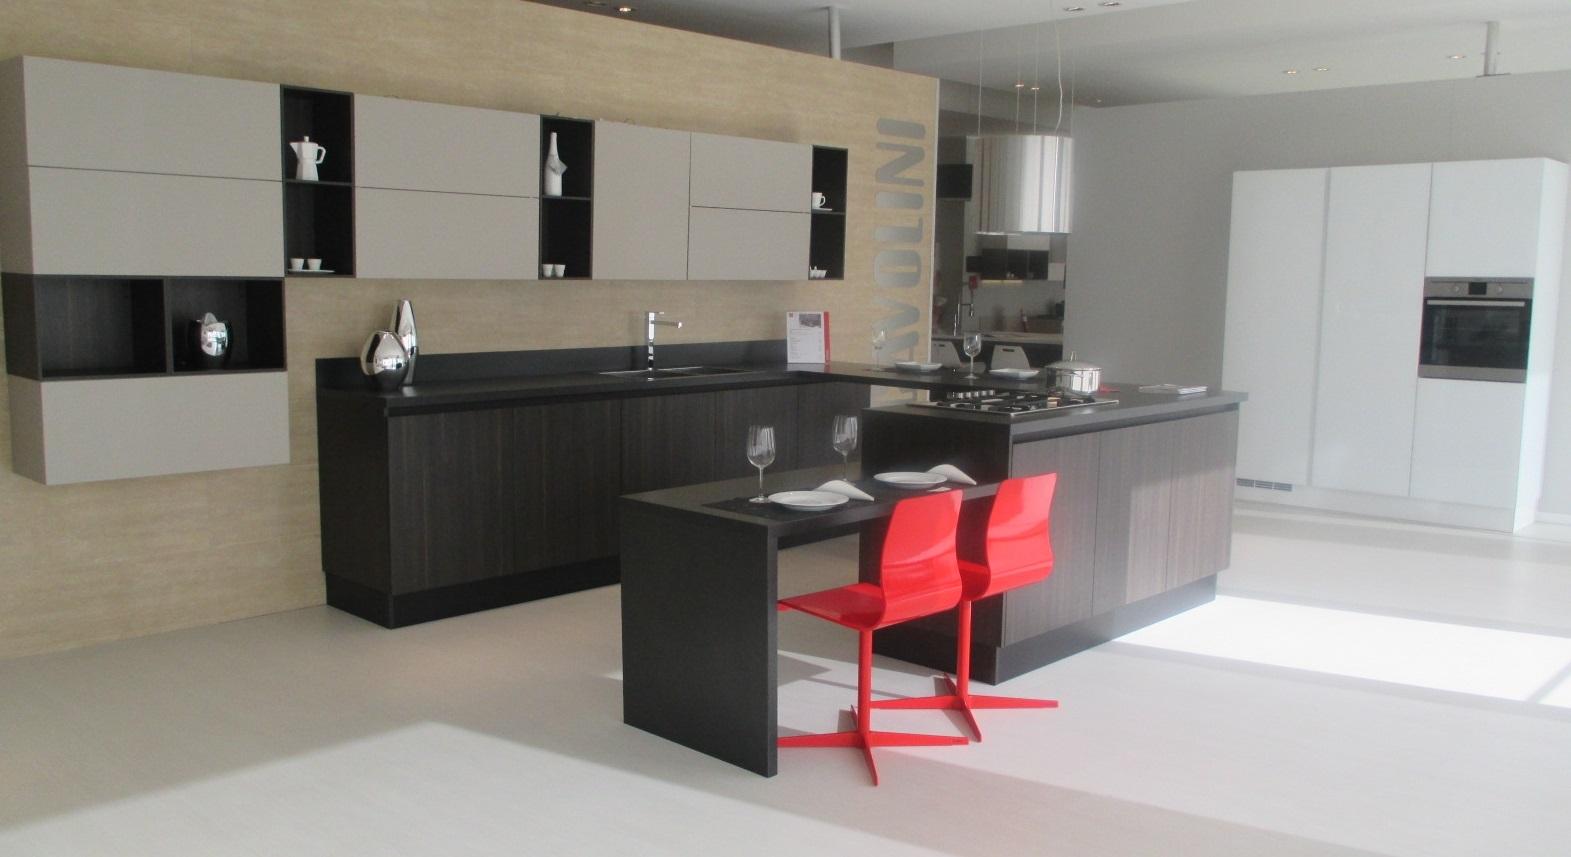 Cucina con isola scavolini modello liberamente scontata for Cucina a concetto aperta con isola